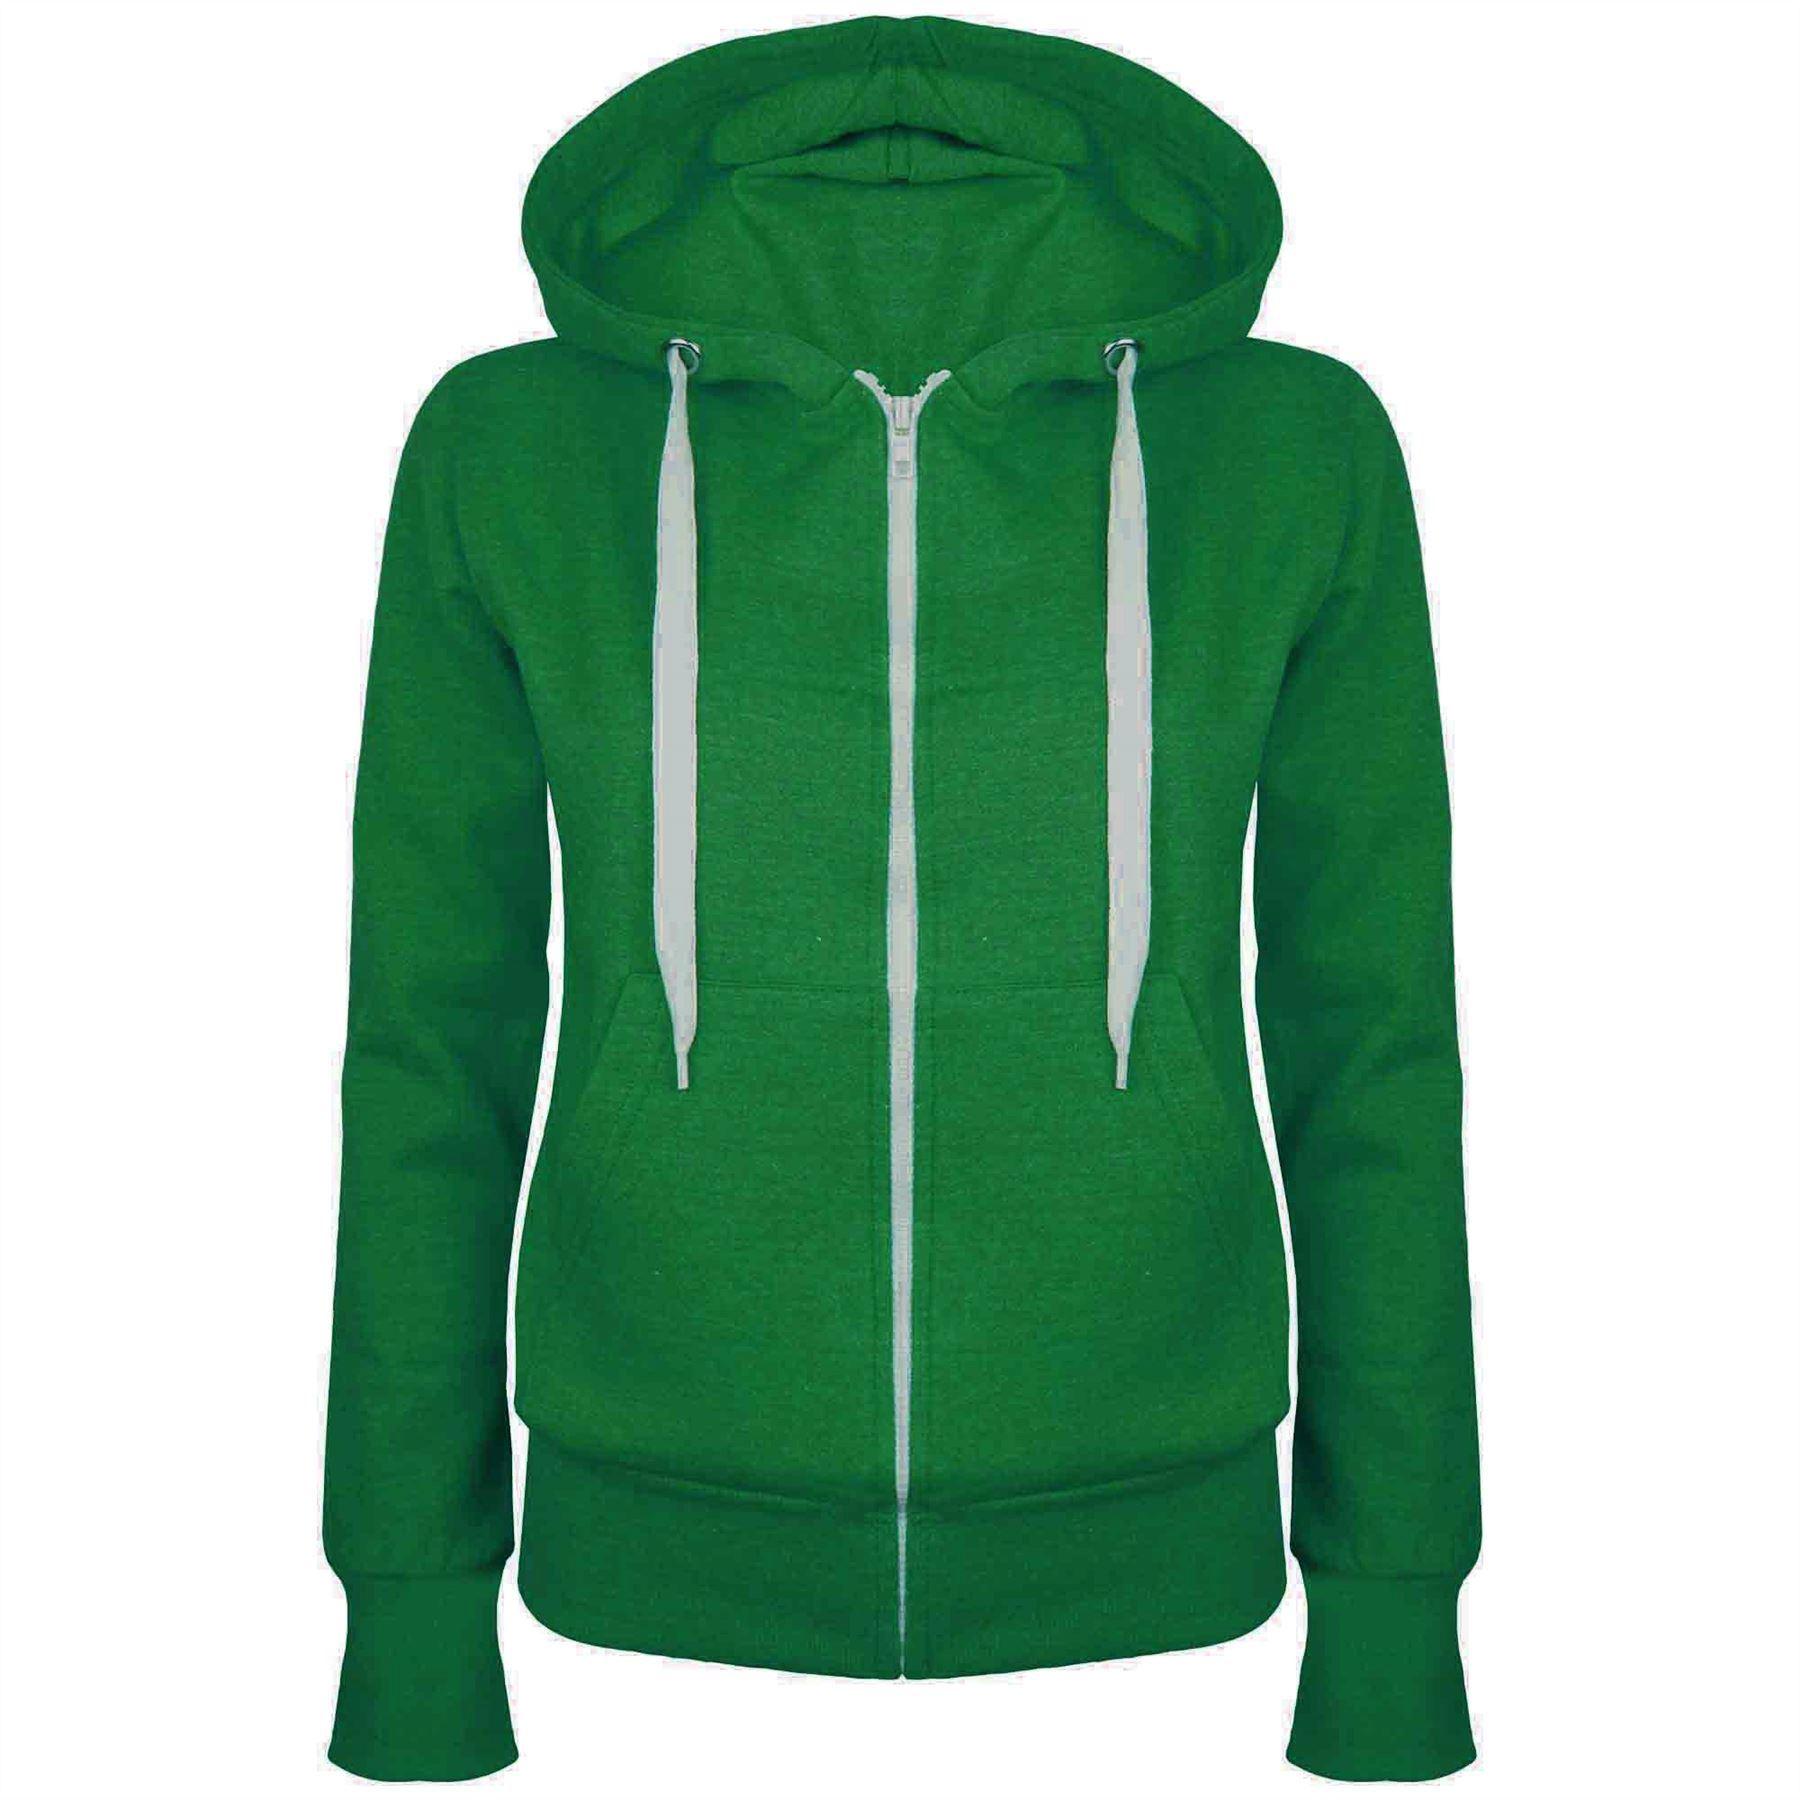 Womens Ladies Plain Hoodie Fleece Sweatshirt Hooded Coat Jumper ...